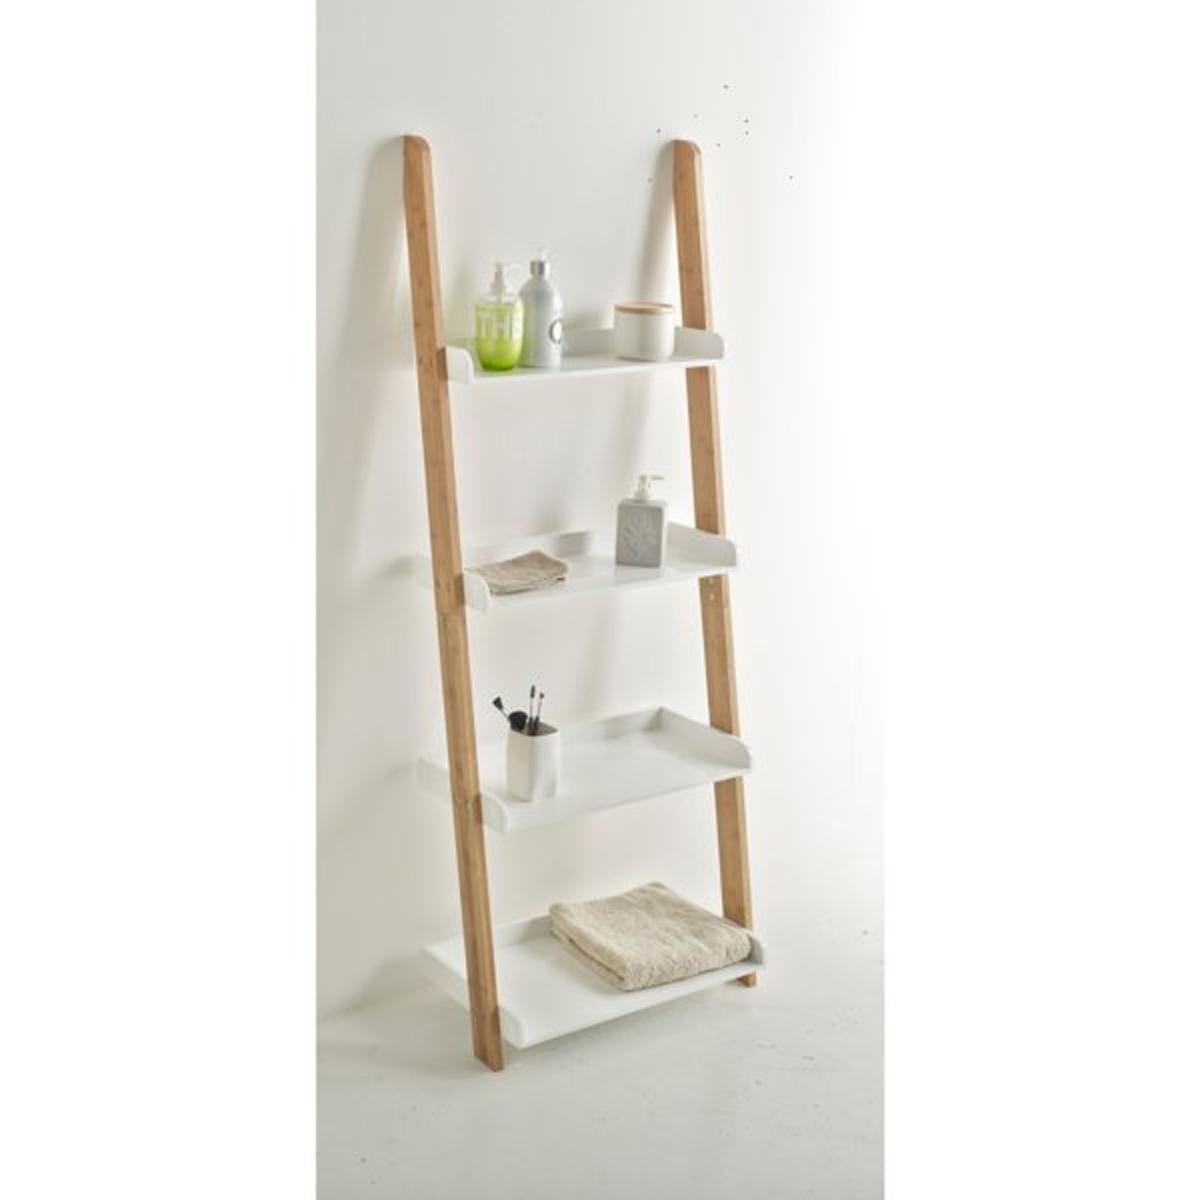 Этажерка с 4 полками для ванной комнаты из бамбука, LINDUSКаркас из бамбука, полки из МДФ с лакированным нитроцеллюлозным покрытием.Размеры бамбуковой этажерки с 4 полками, LINDUS :55 x 30 x 145 см<br><br>Цвет: белый